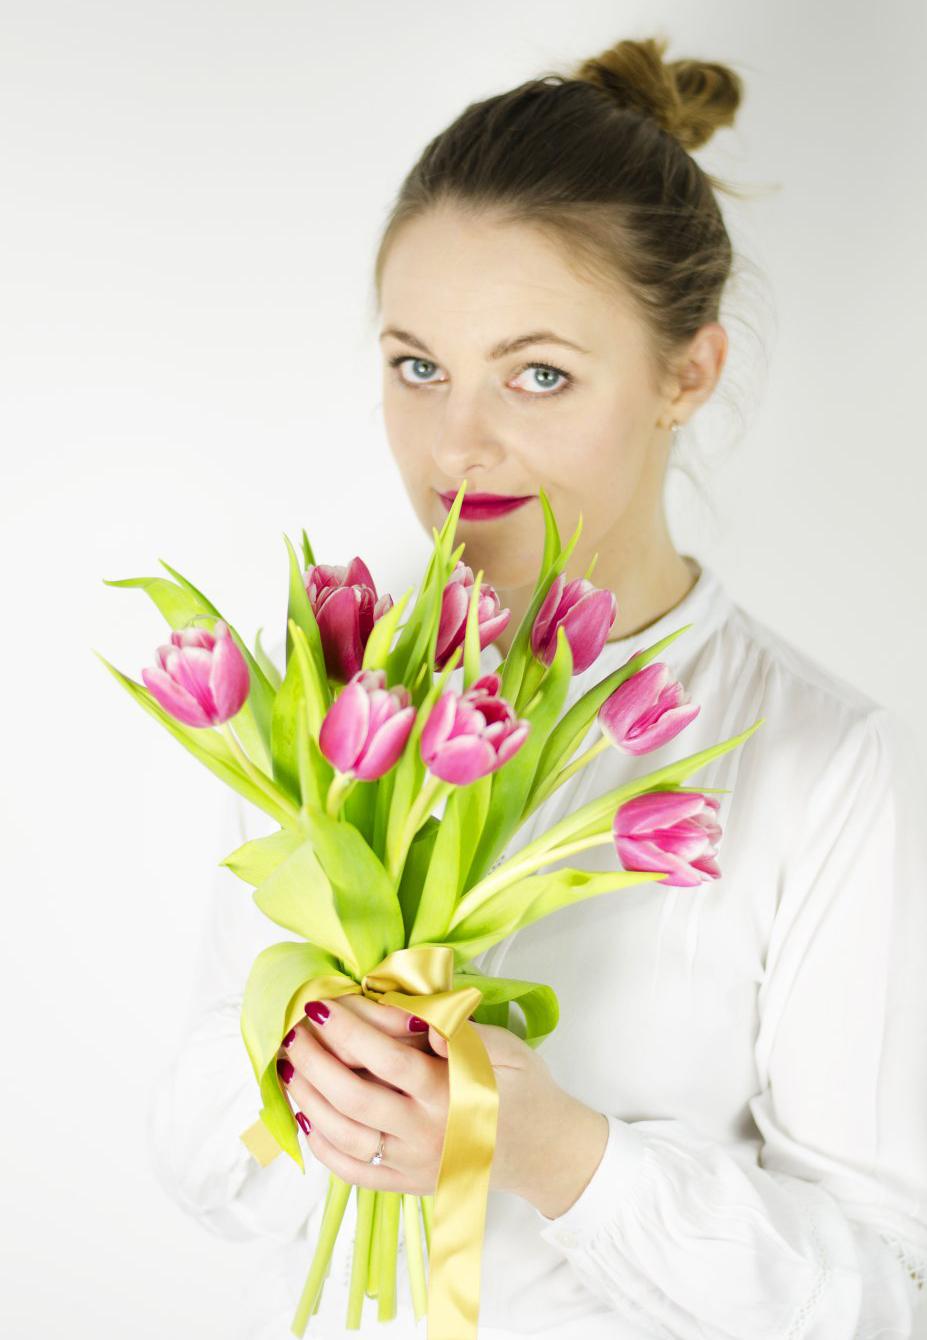 Jakie kwiaty dla dziewczyny? | Polenka.pl